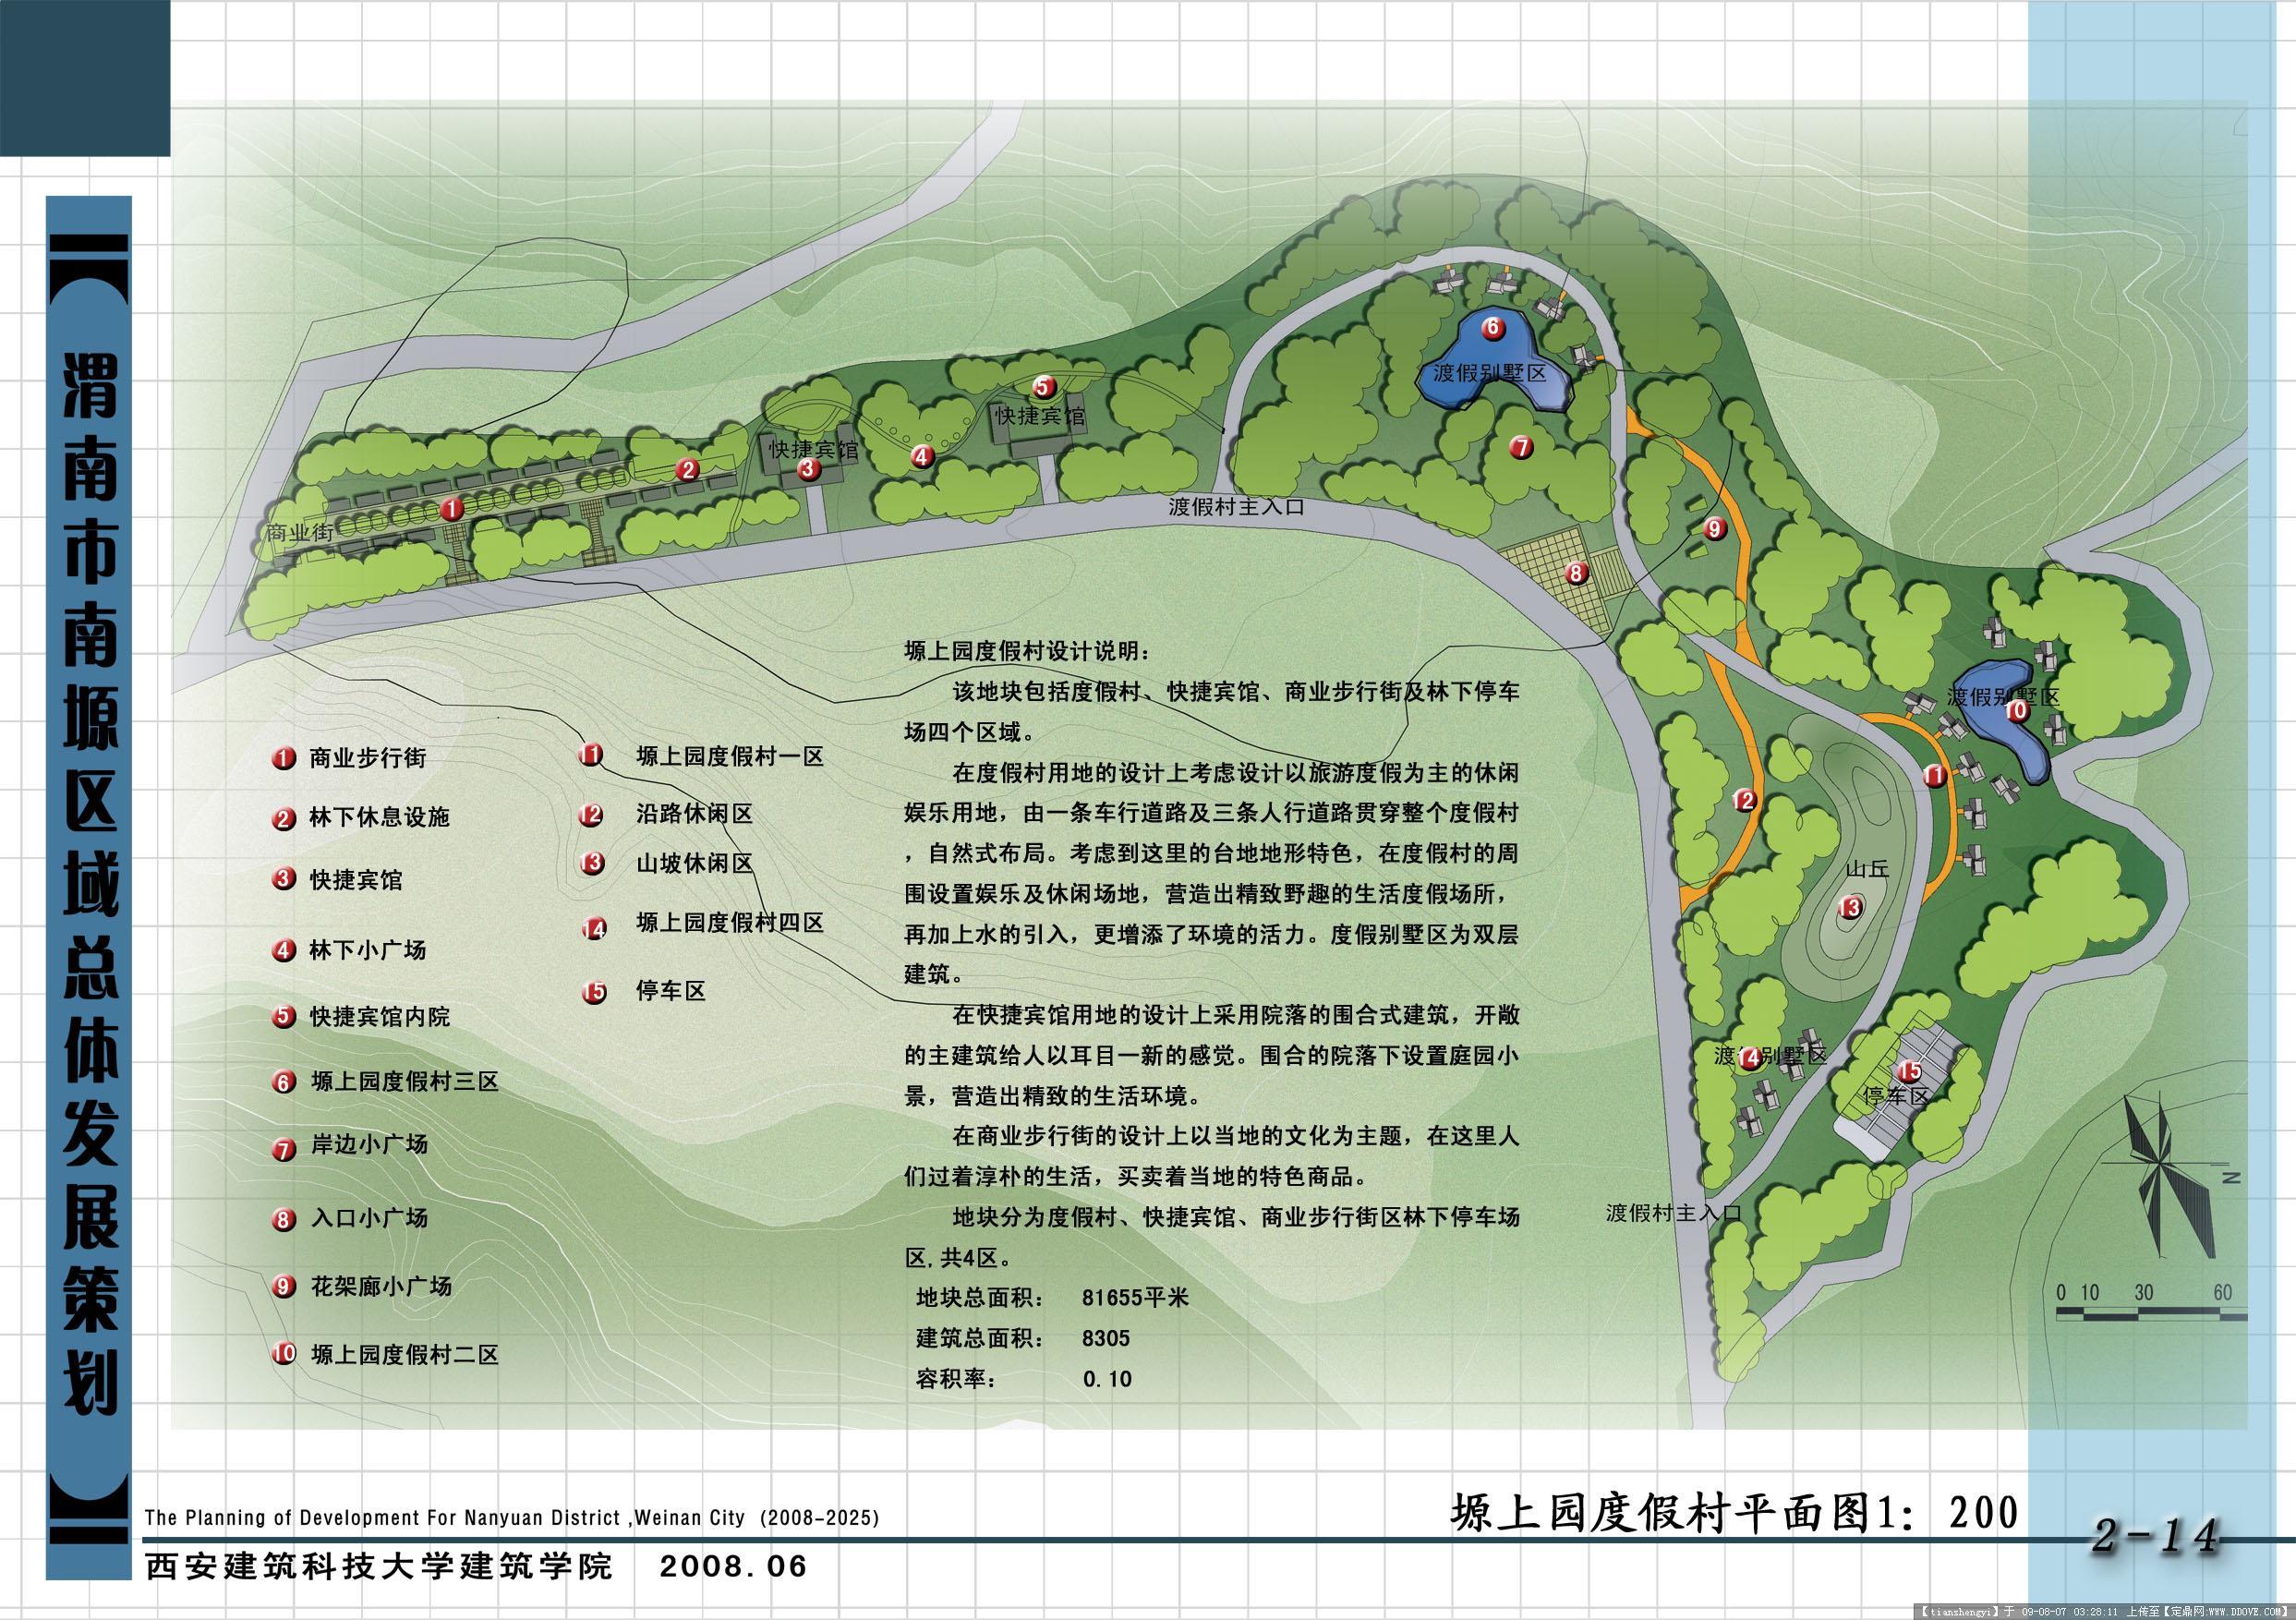 景观设计毕业设计-2-14塬上园度假村平面图.jpg 原始尺寸:2486 * 1754